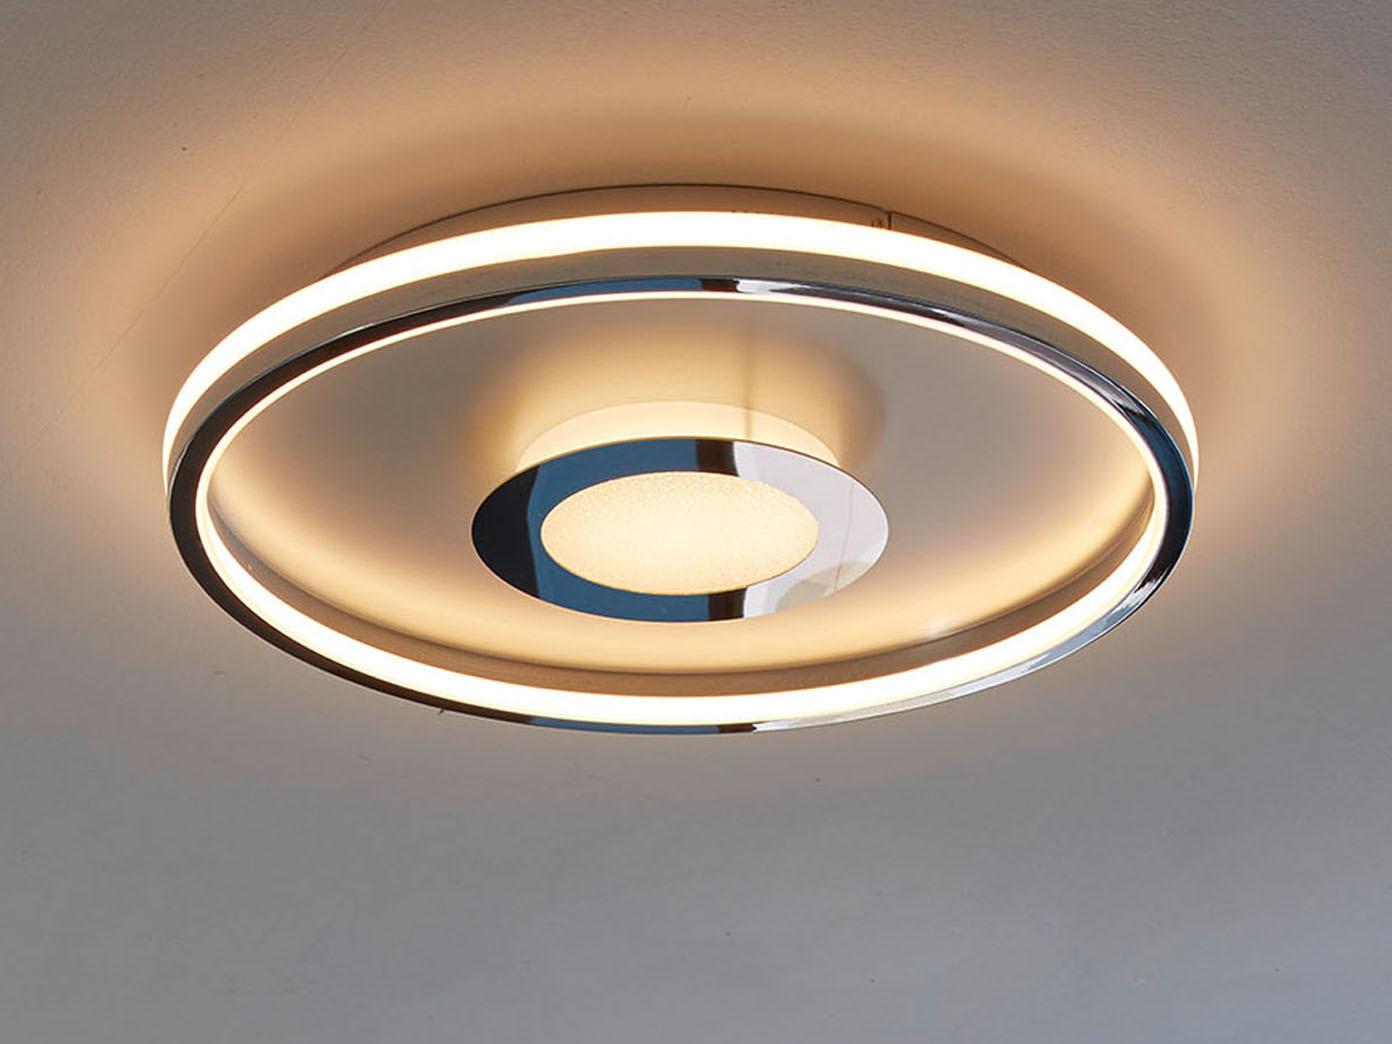 Flache LED Deckenleuchte BUG rund Ø59cm mit Fernbedienung   Silber matt & Chrom   Kaufen bei ...